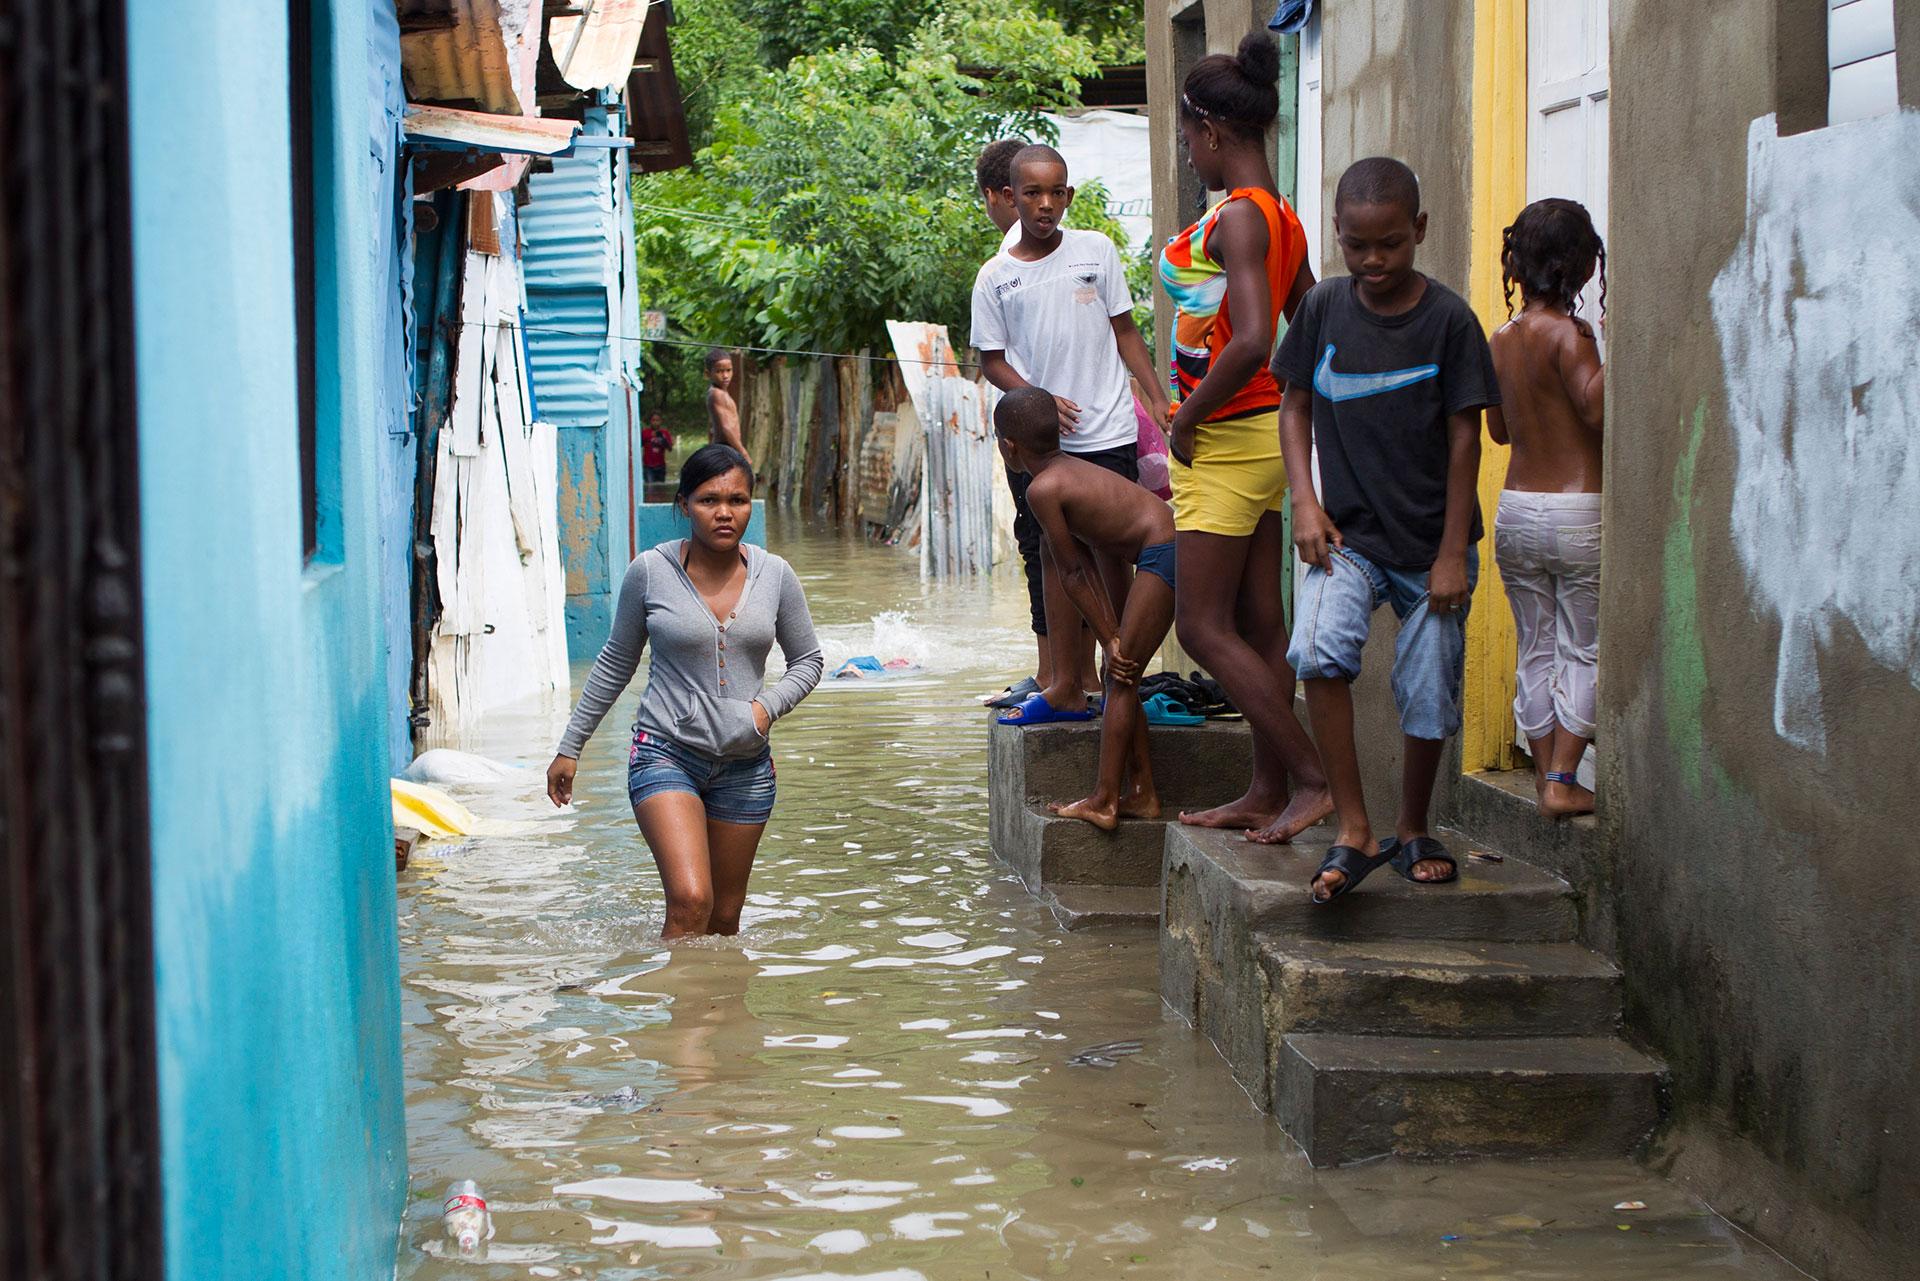 El gobierno declaró la emergencia en Haití (AFP)